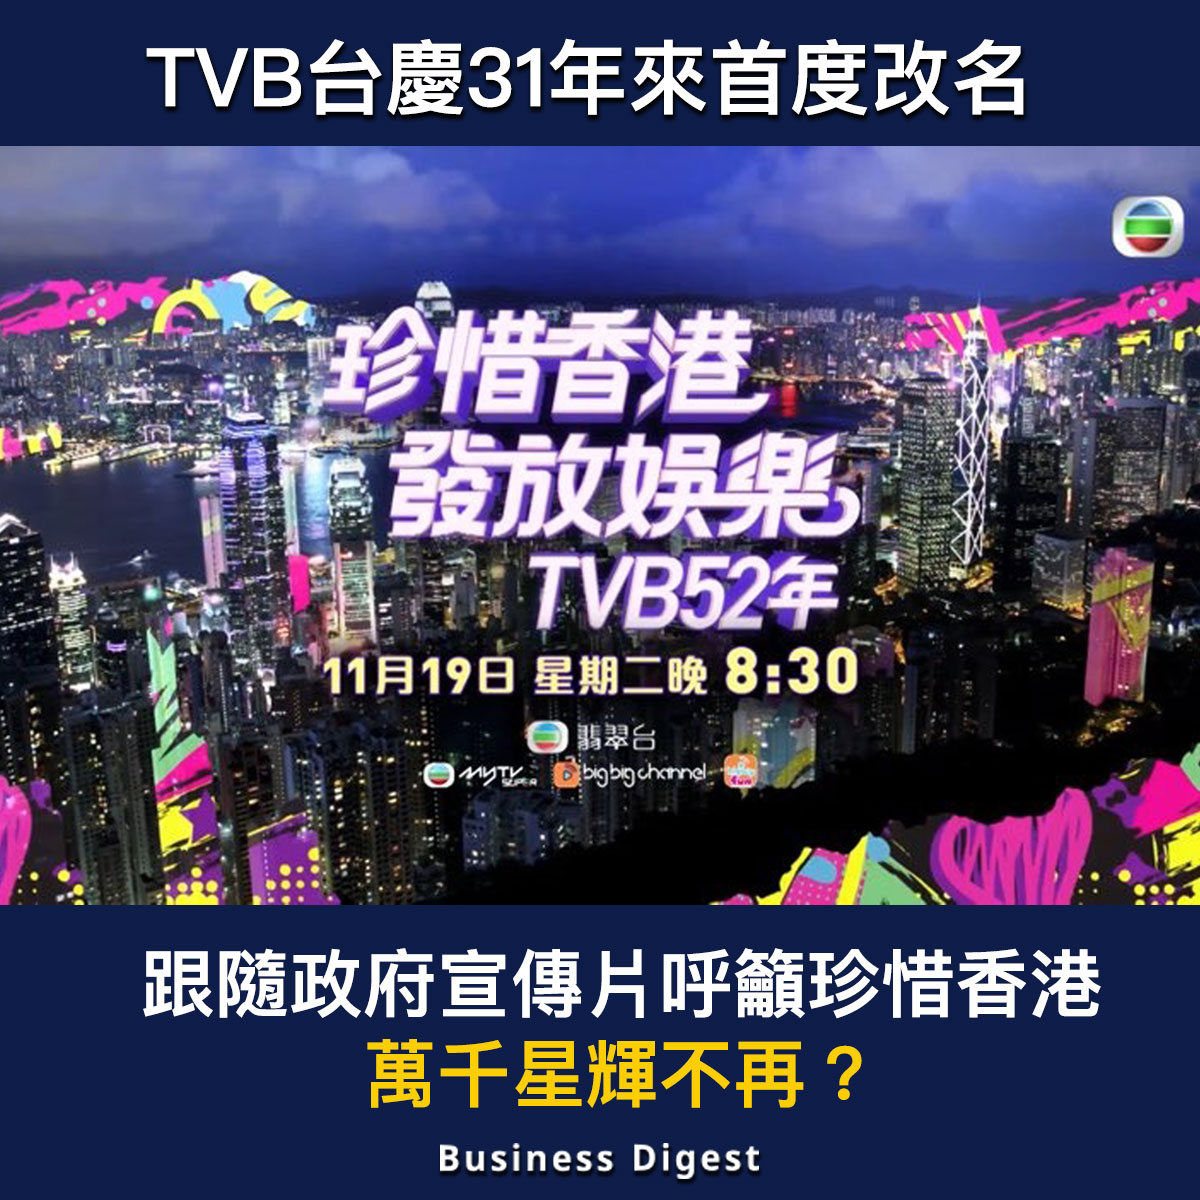 【商業熱話】TVB台慶31年來首度改名,跟隨政府宣傳片呼籲珍惜香港